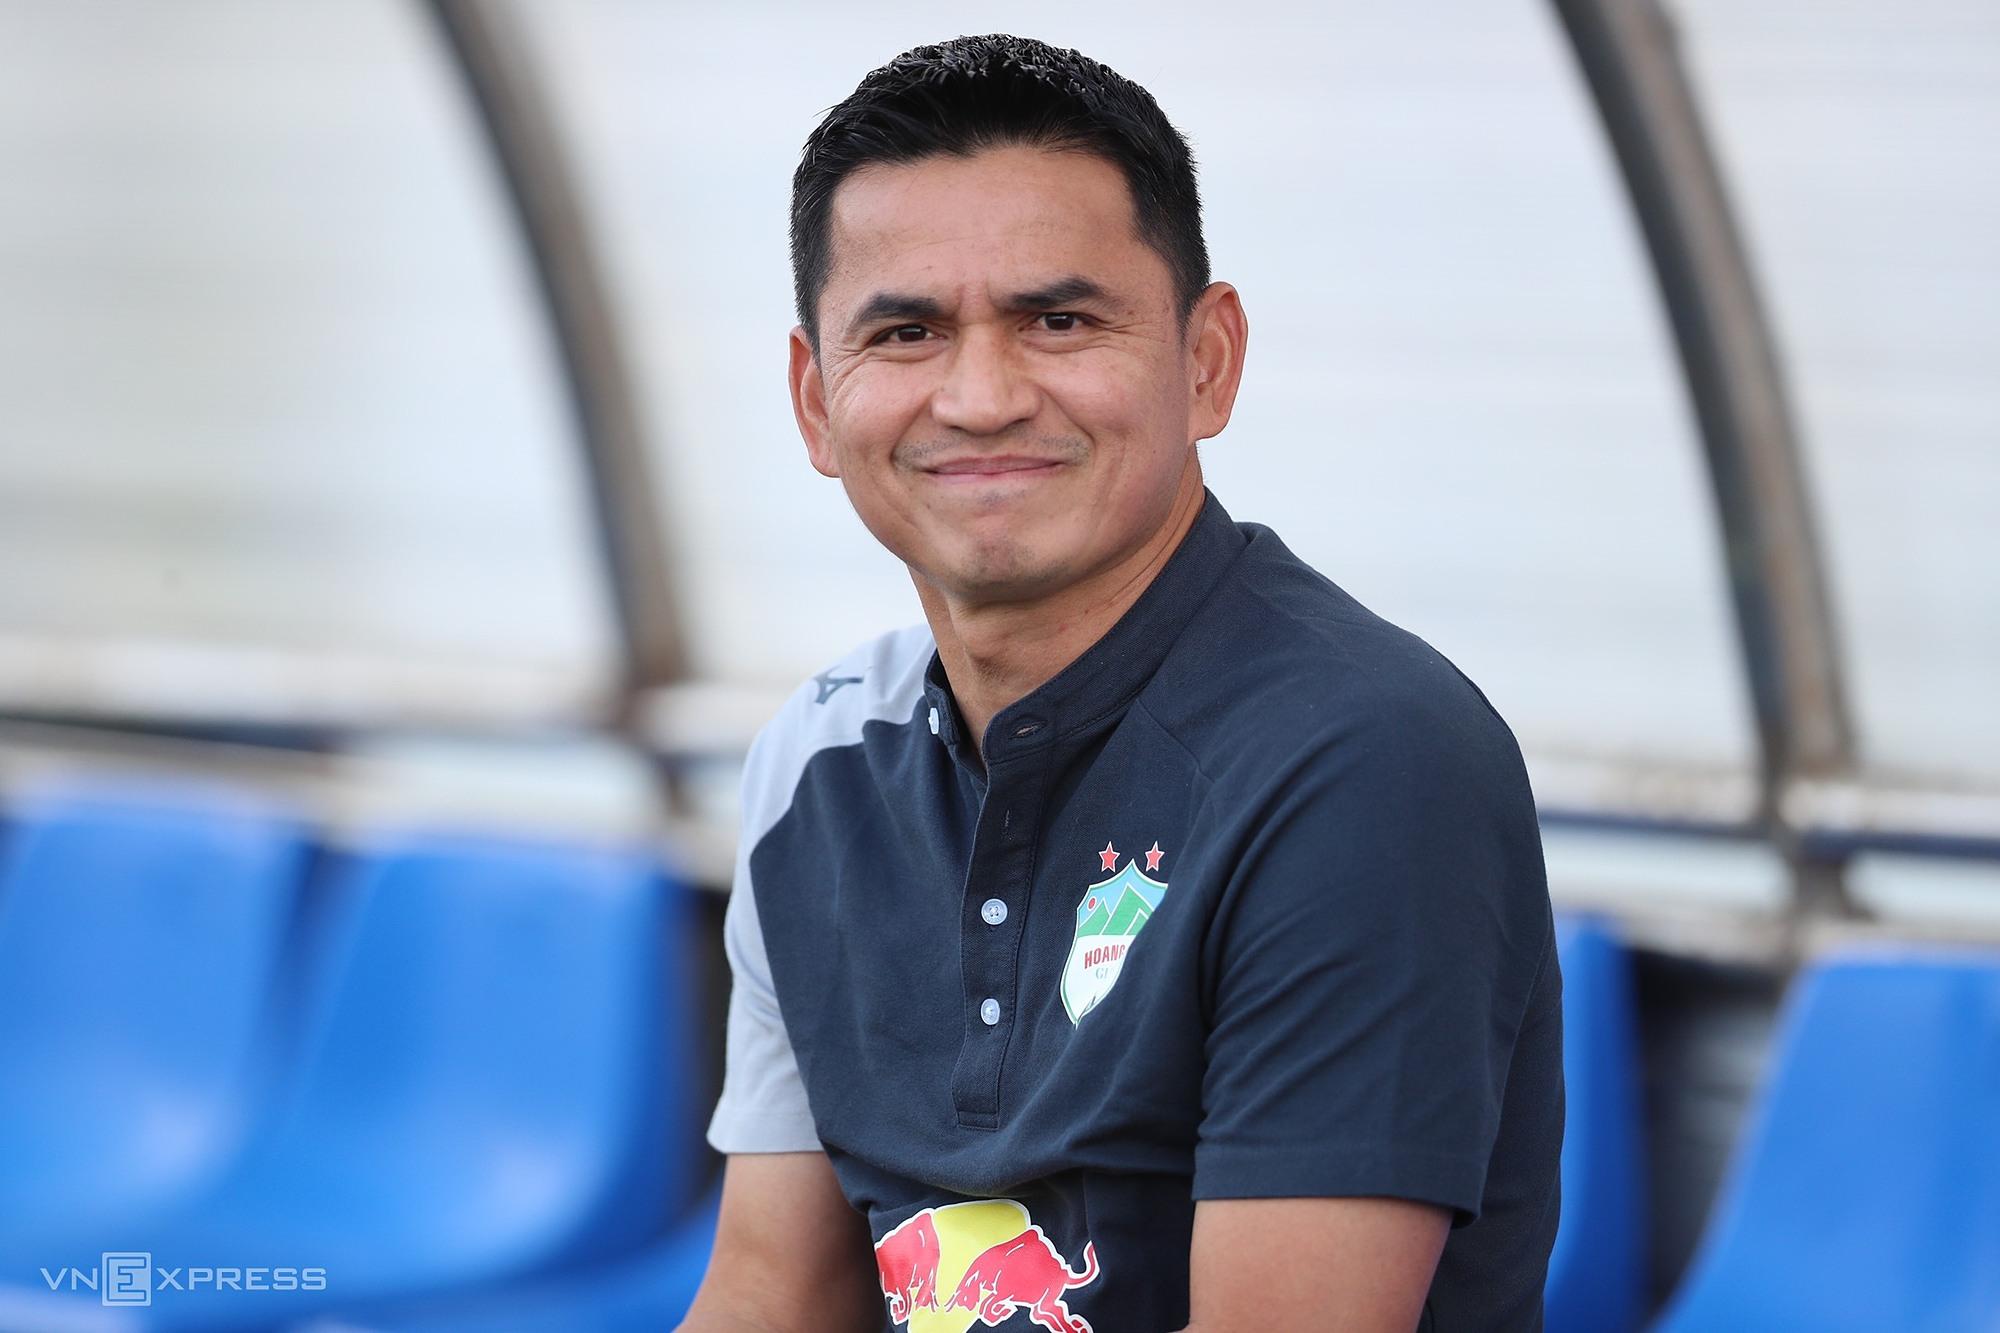 Kiatisuk từng bước giúp HAGL lột xác, trở thành ứng cử viên nặng ký nhất cho ngôi vô địch V-League 2021. Ảnh: Đức Đồng